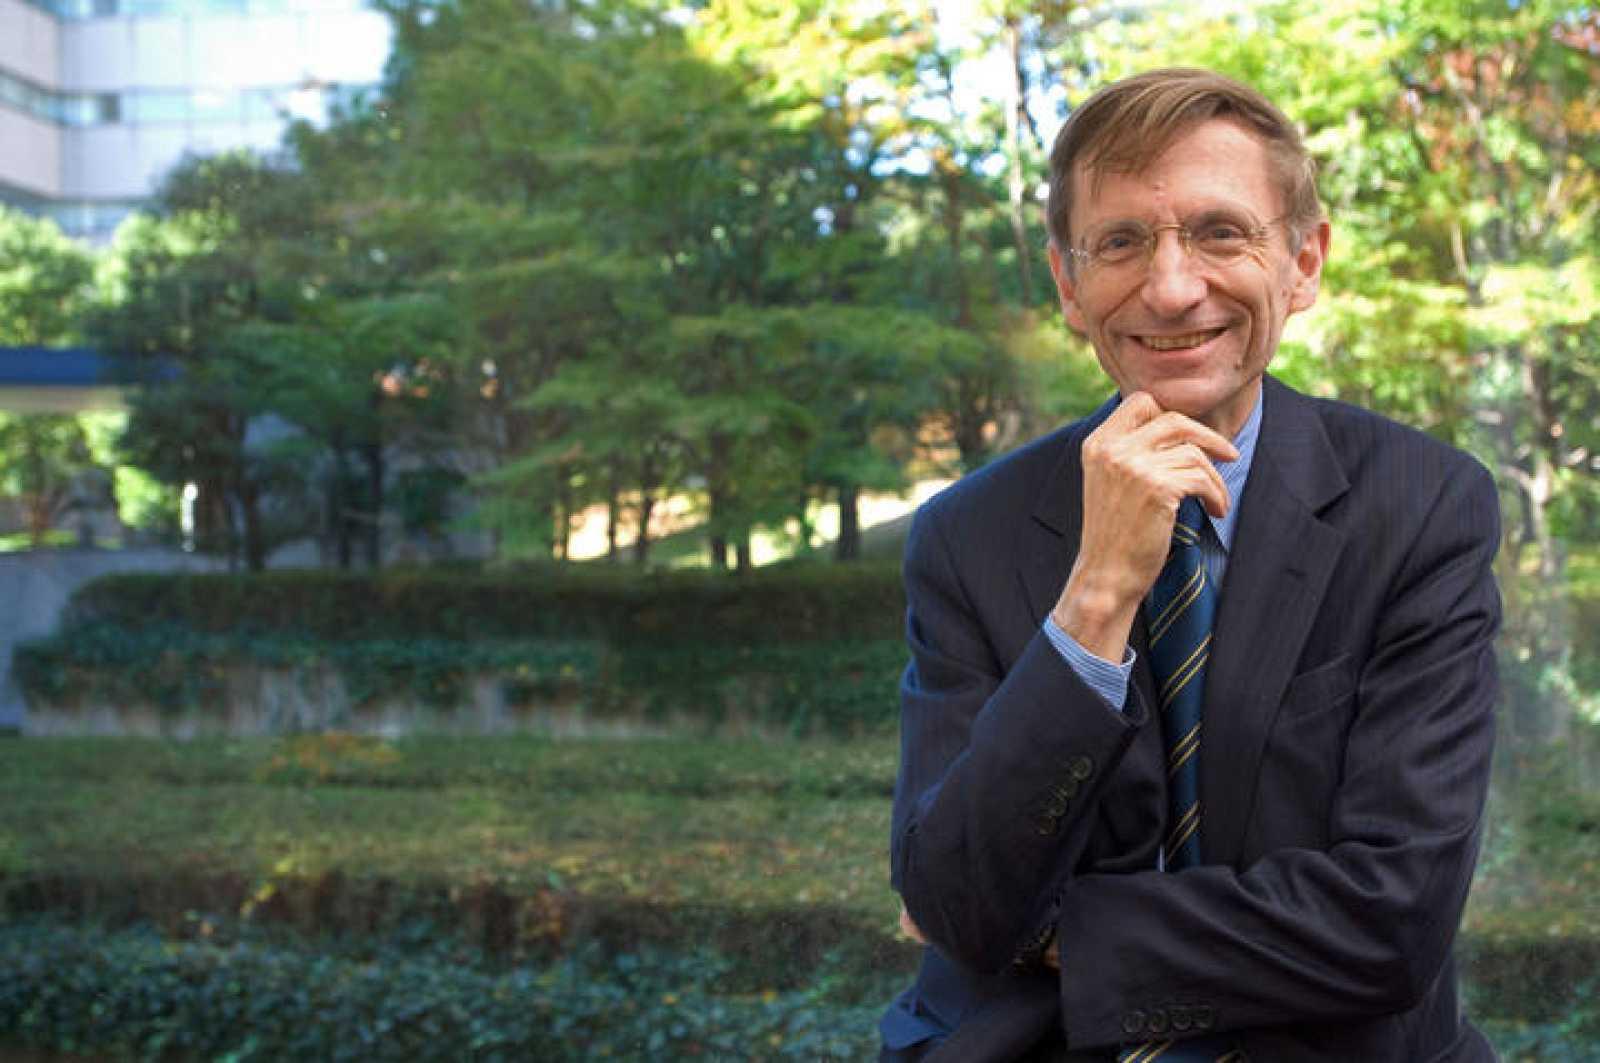 Bill Drayton, premio Príncipe de Asturias de Cooperación 2011